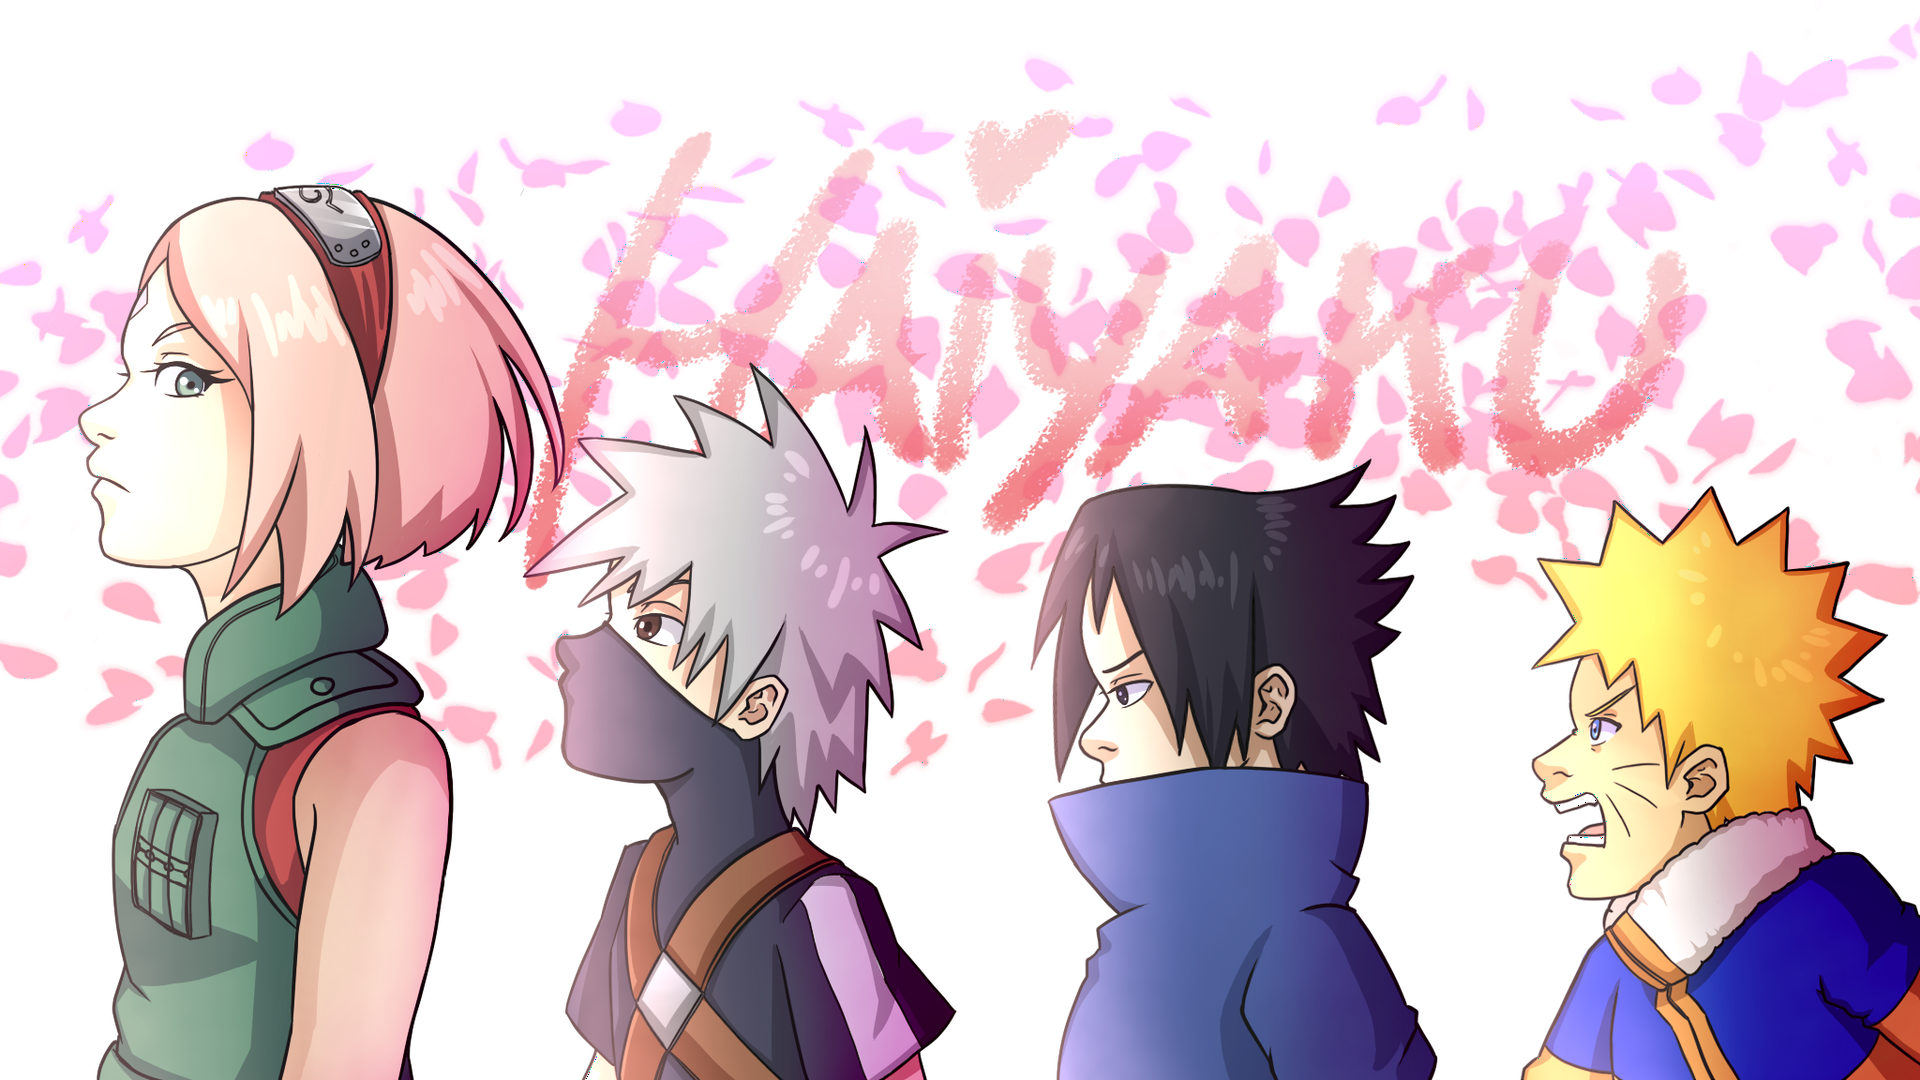 456 4567744 haruno kakashi naruto sakura sasuke team7 uchiha cartoon